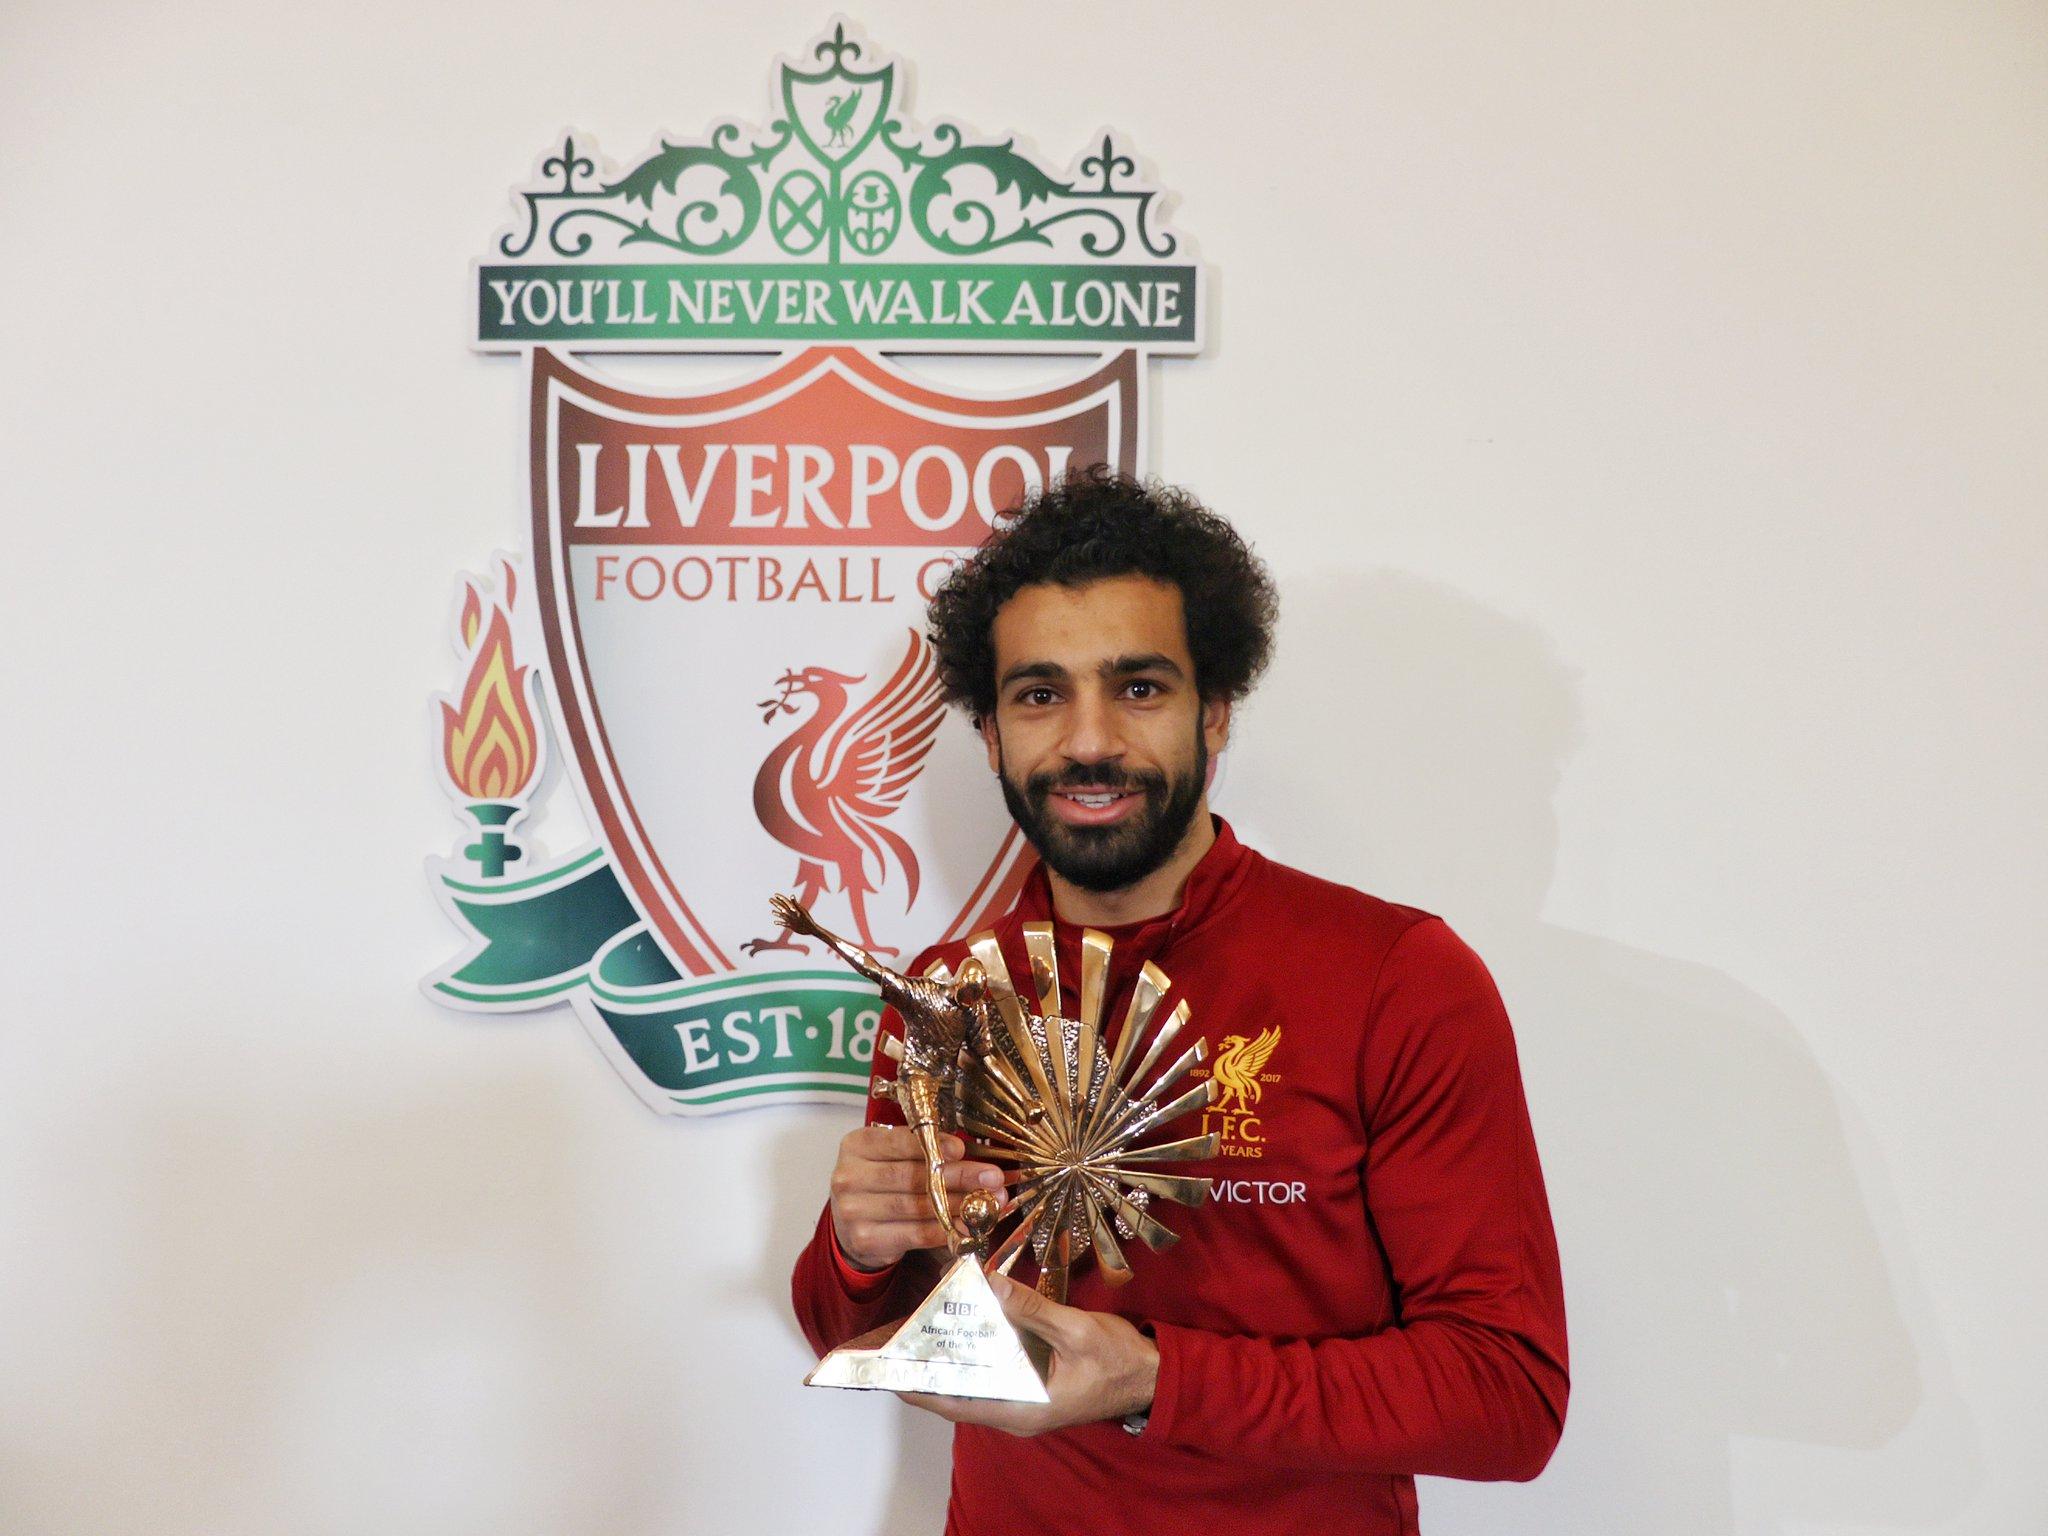 Салах е најдобар африкански фудбалер според  Би би си